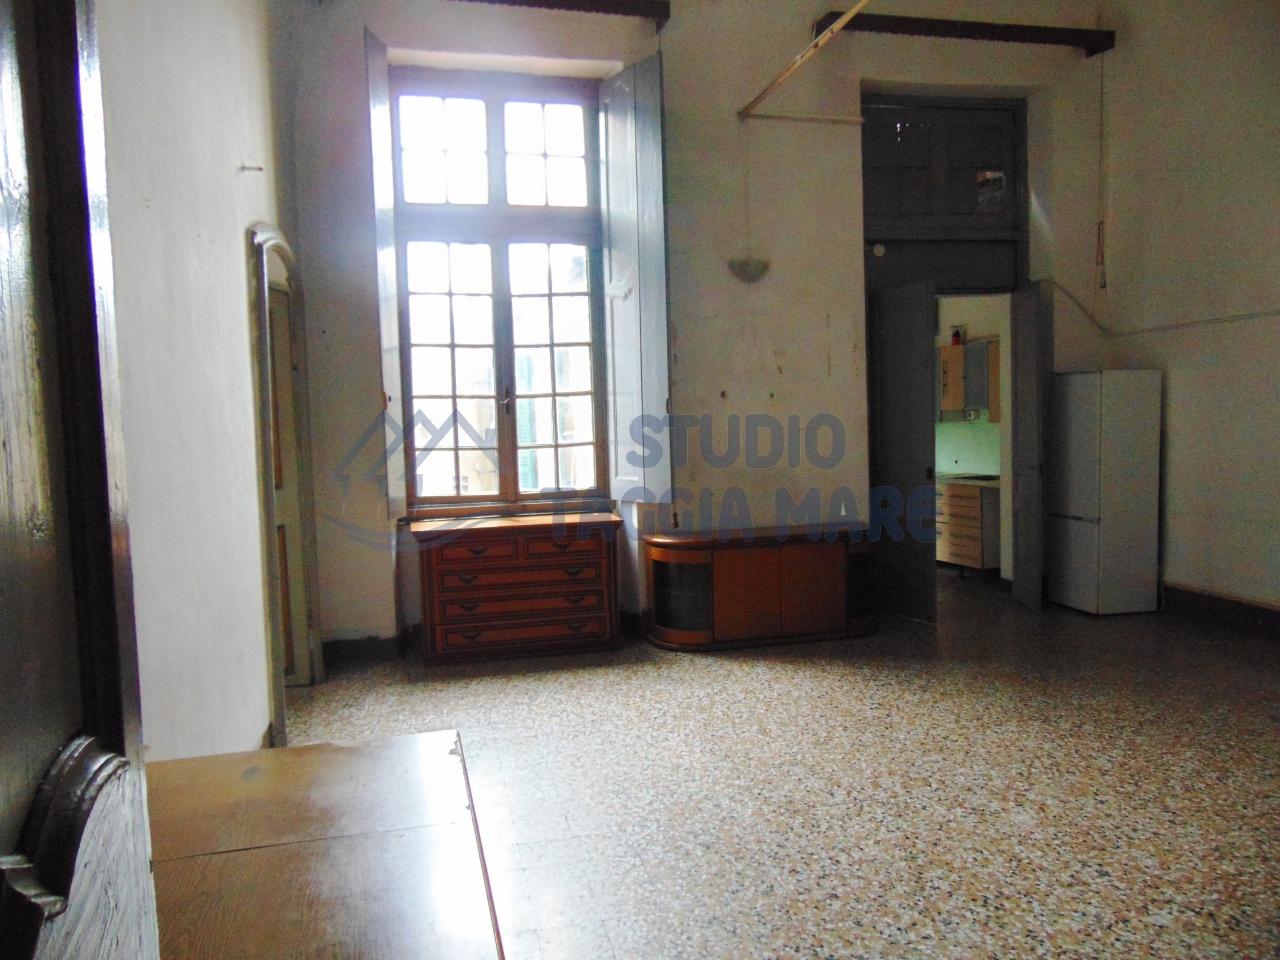 Appartamento in vendita a Taggia, 5 locali, prezzo € 99.000 | Cambio Casa.it